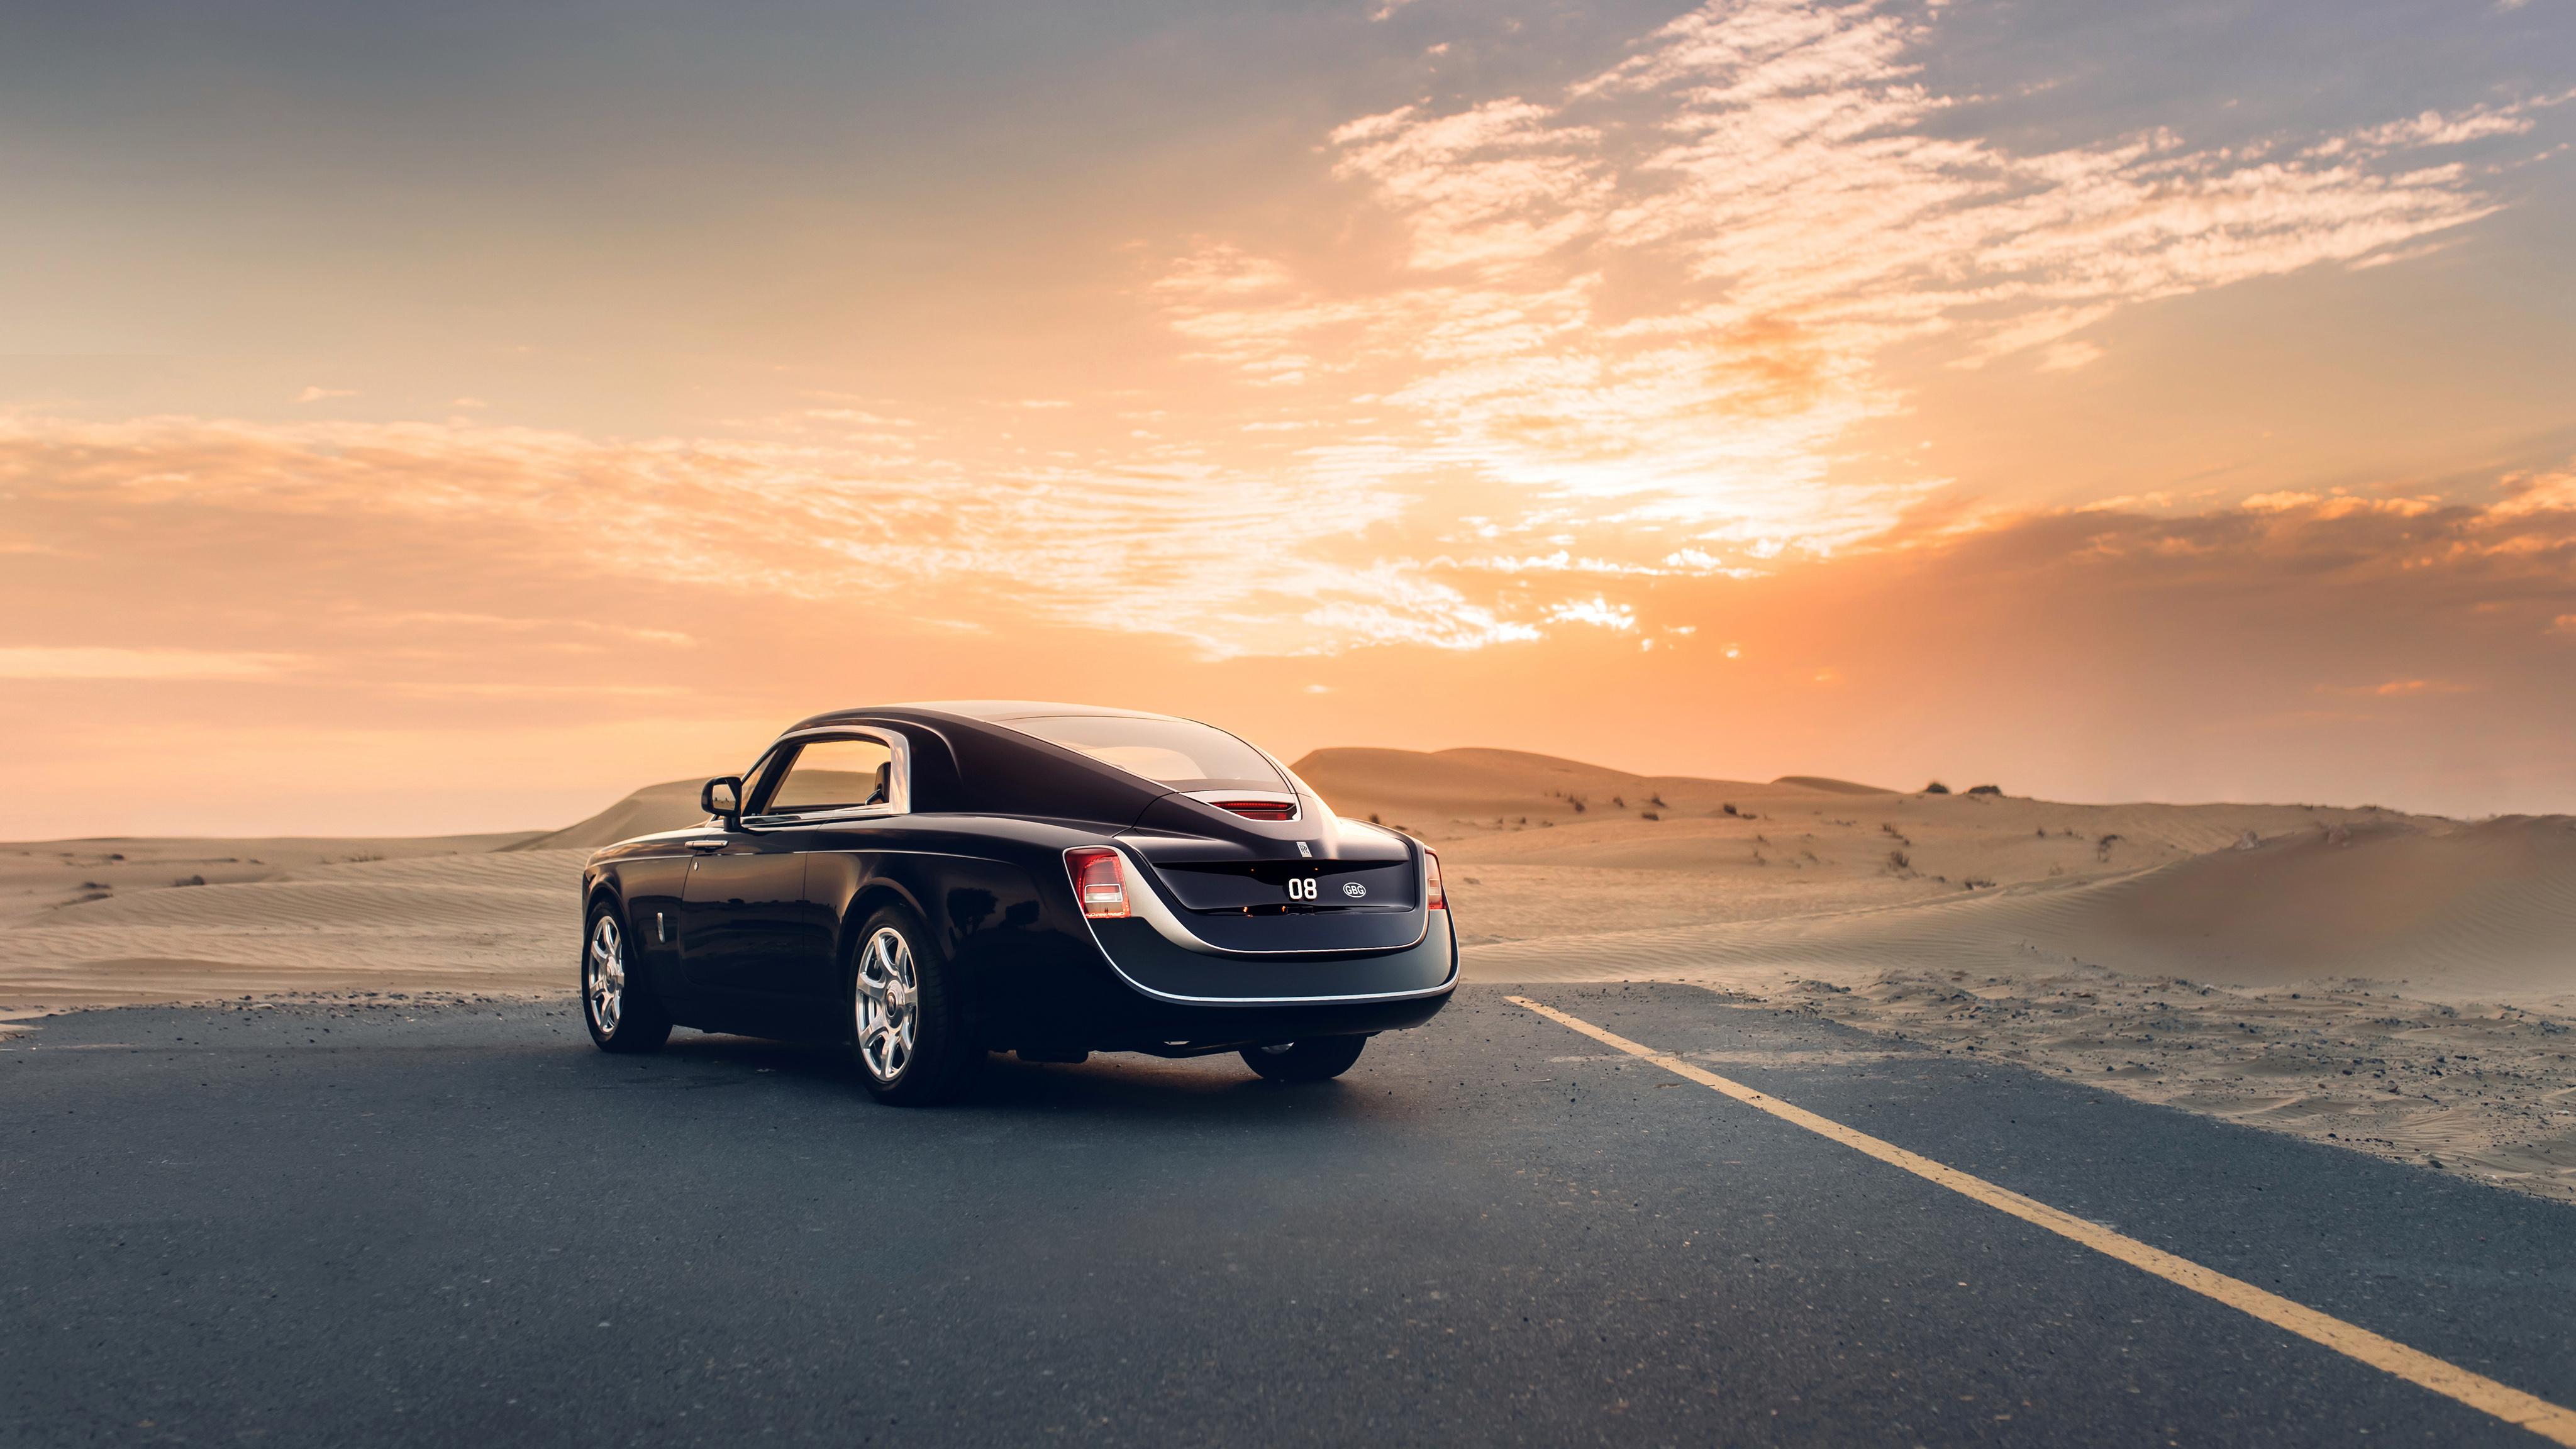 Rolls Royce Sweptail 4K Wallpaper | HD Car Wallpapers | ID ...